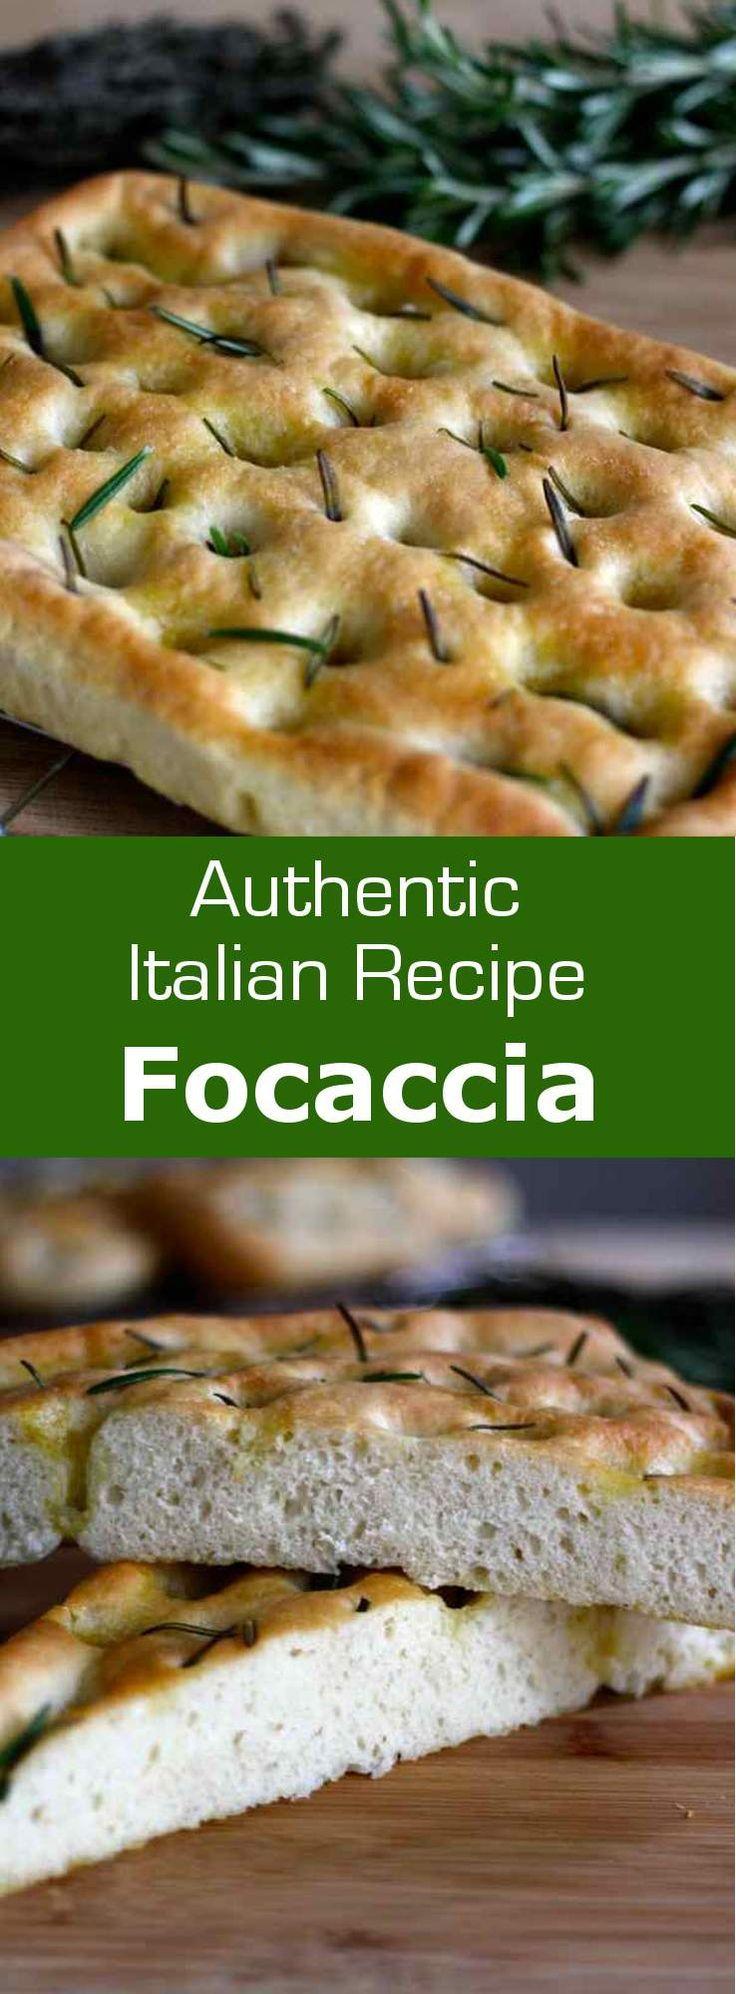 Focaccia Di Genova Is The Original Recipe For The